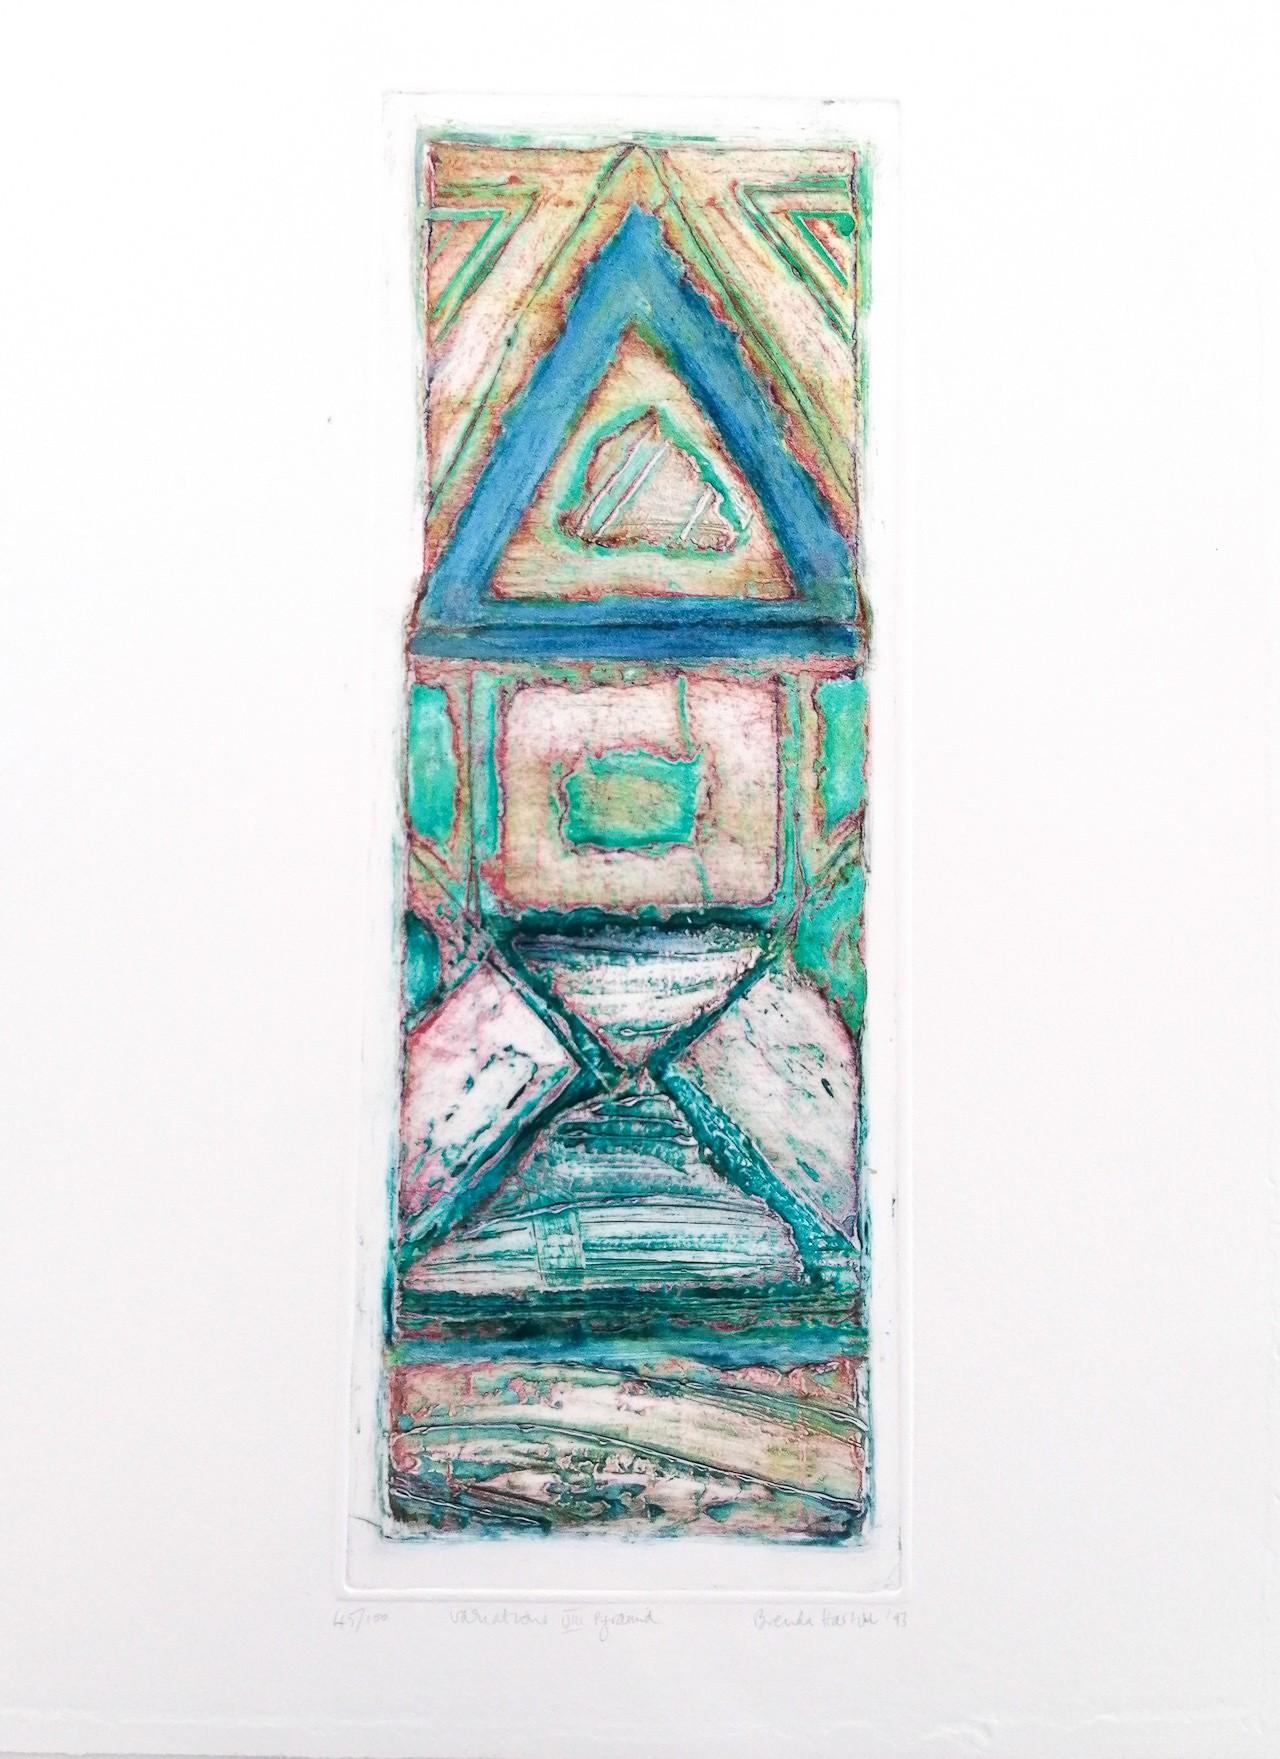 Harthill, Brenda, Kunst, Galerie Voigt, Nürnberg